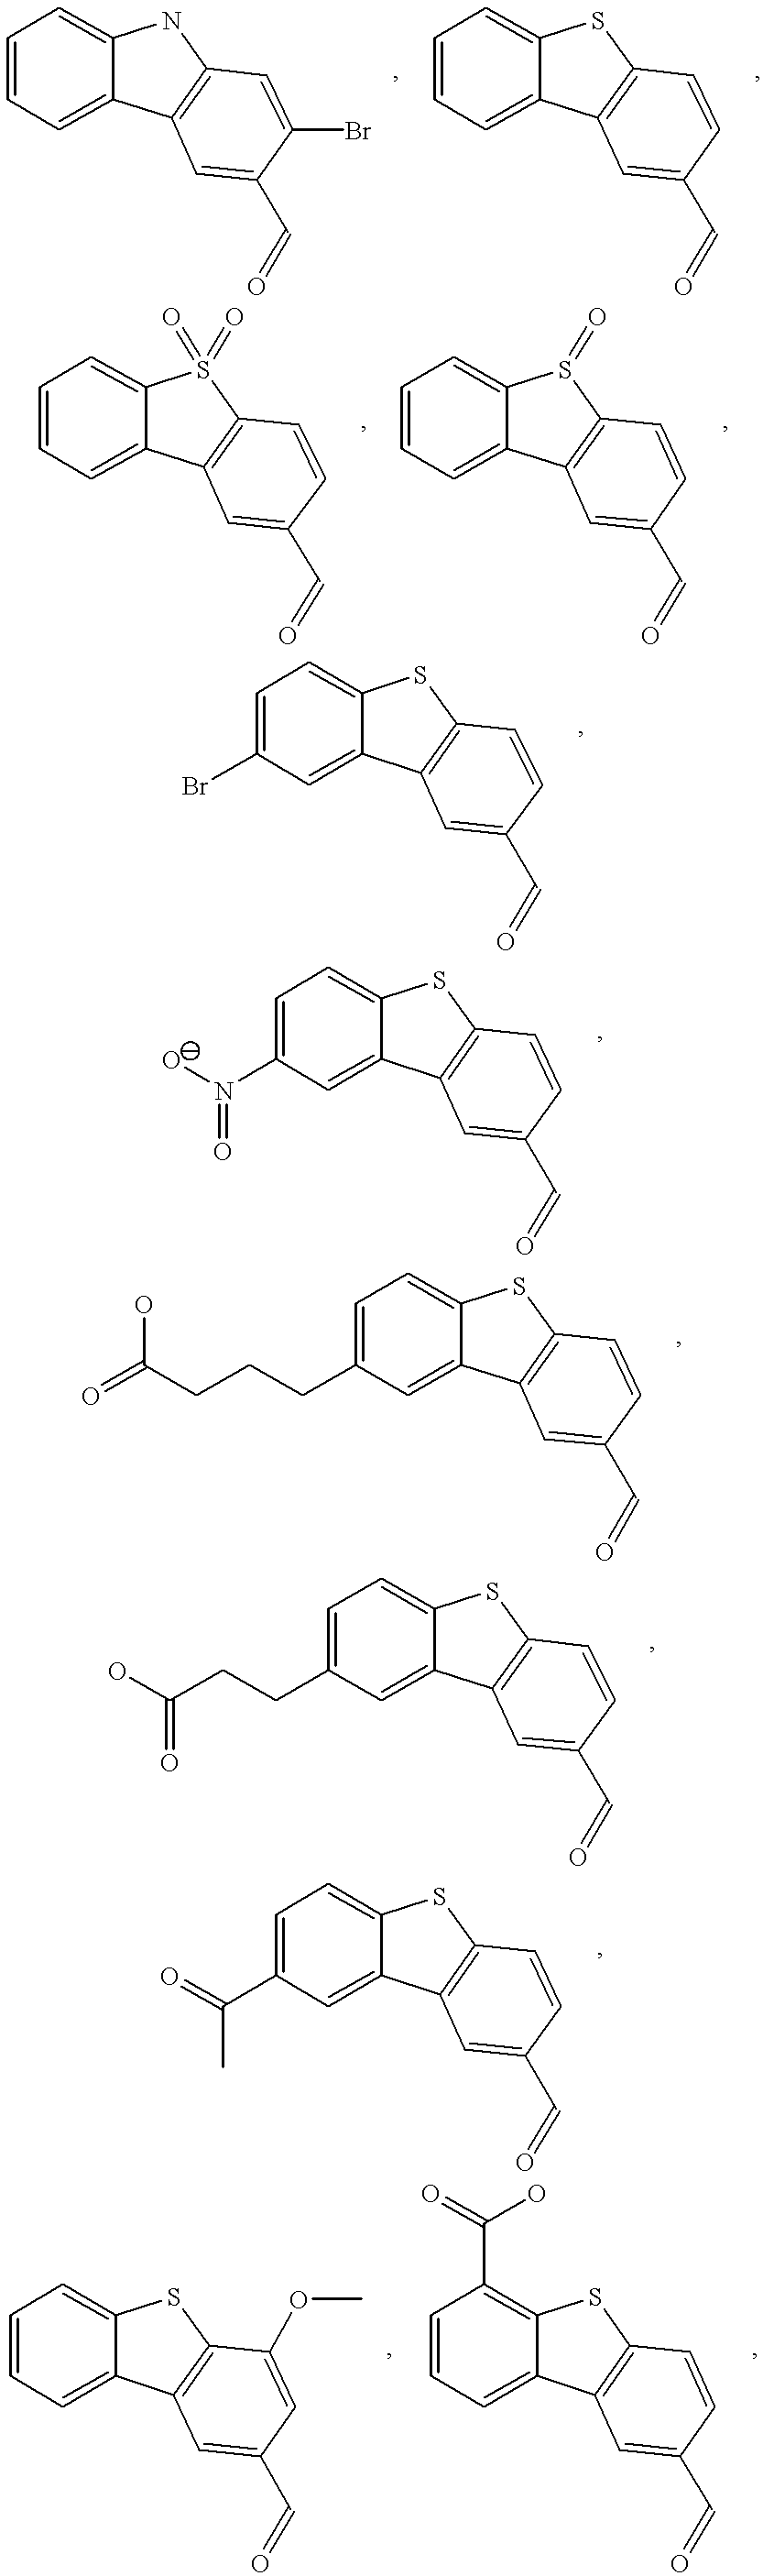 Figure US06514981-20030204-C00060